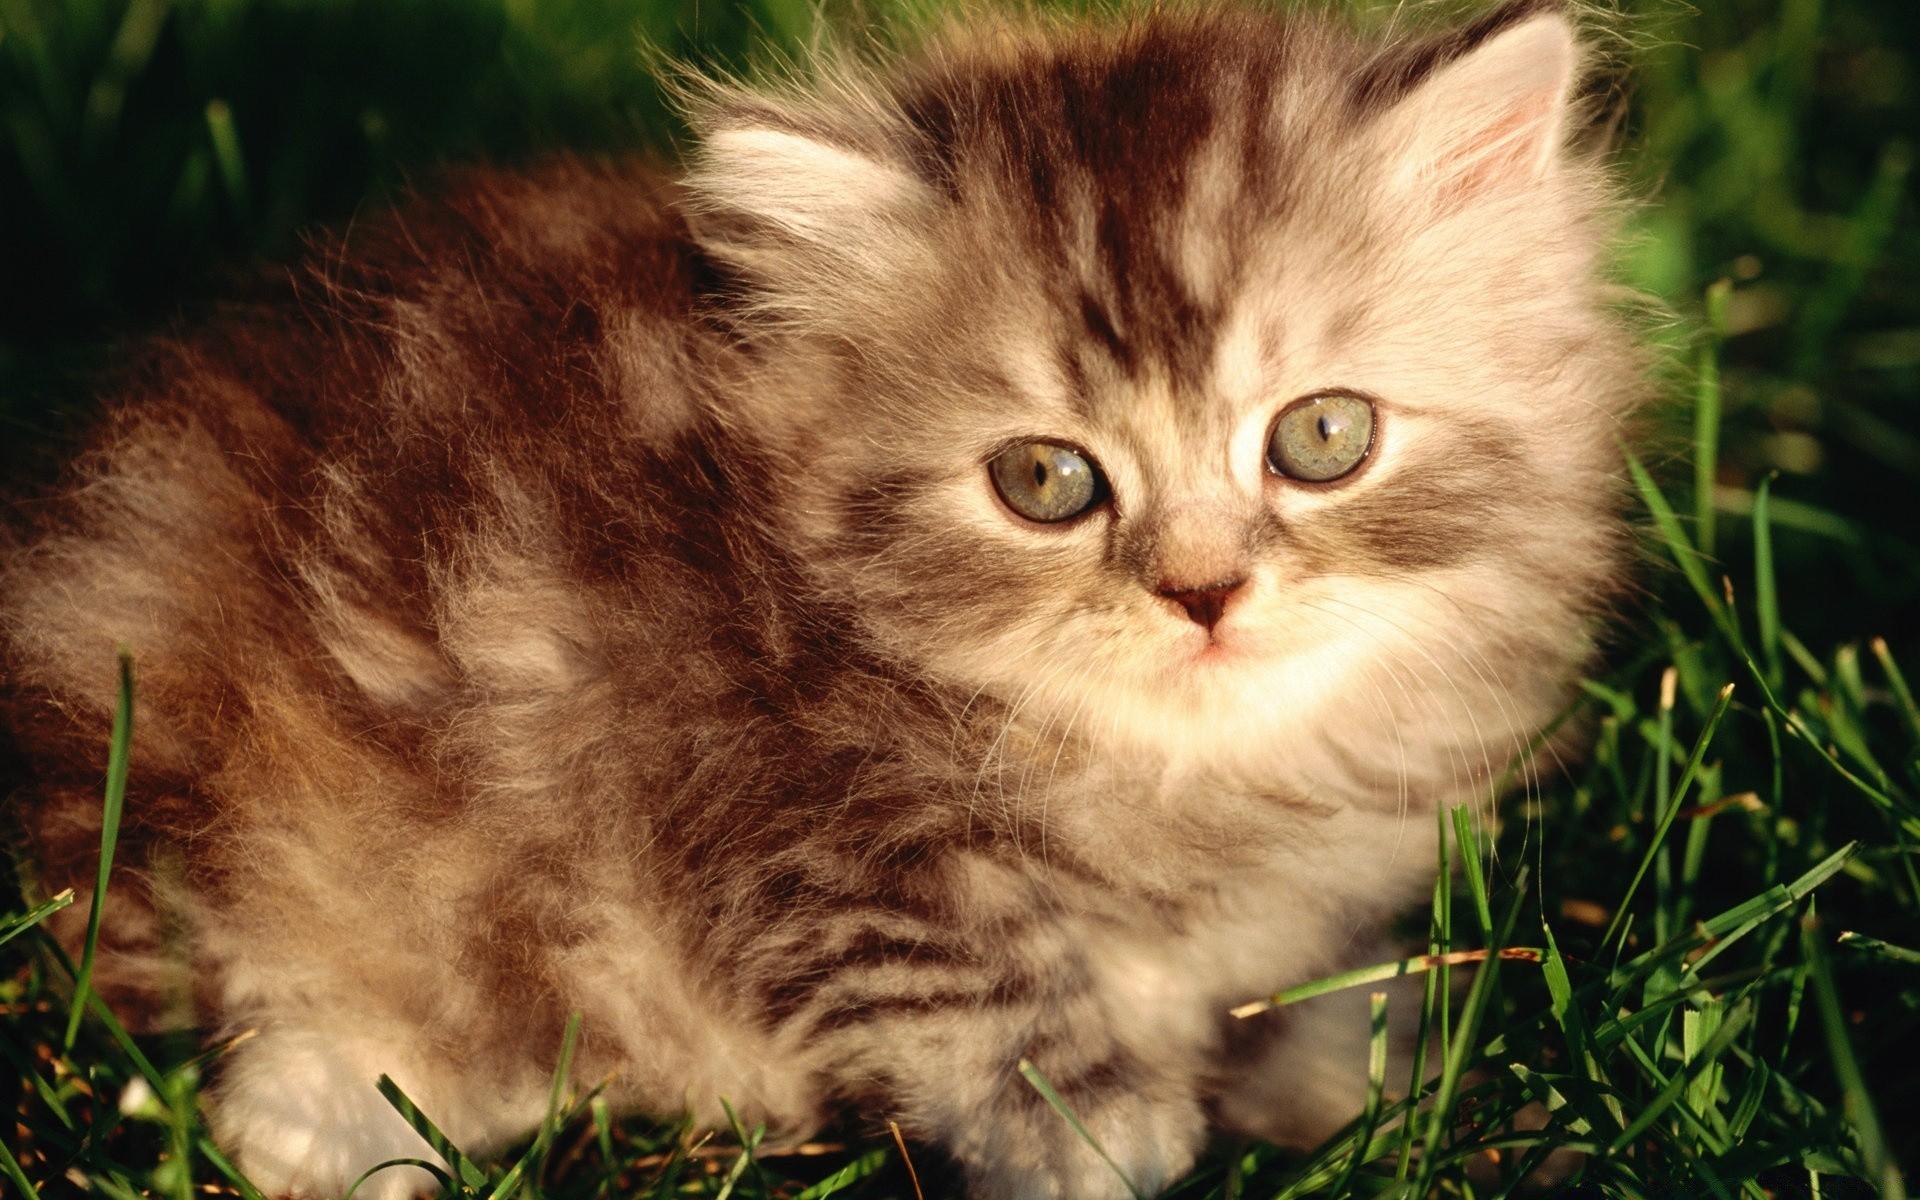 цвет посмотреть фотографии про котят уже написали